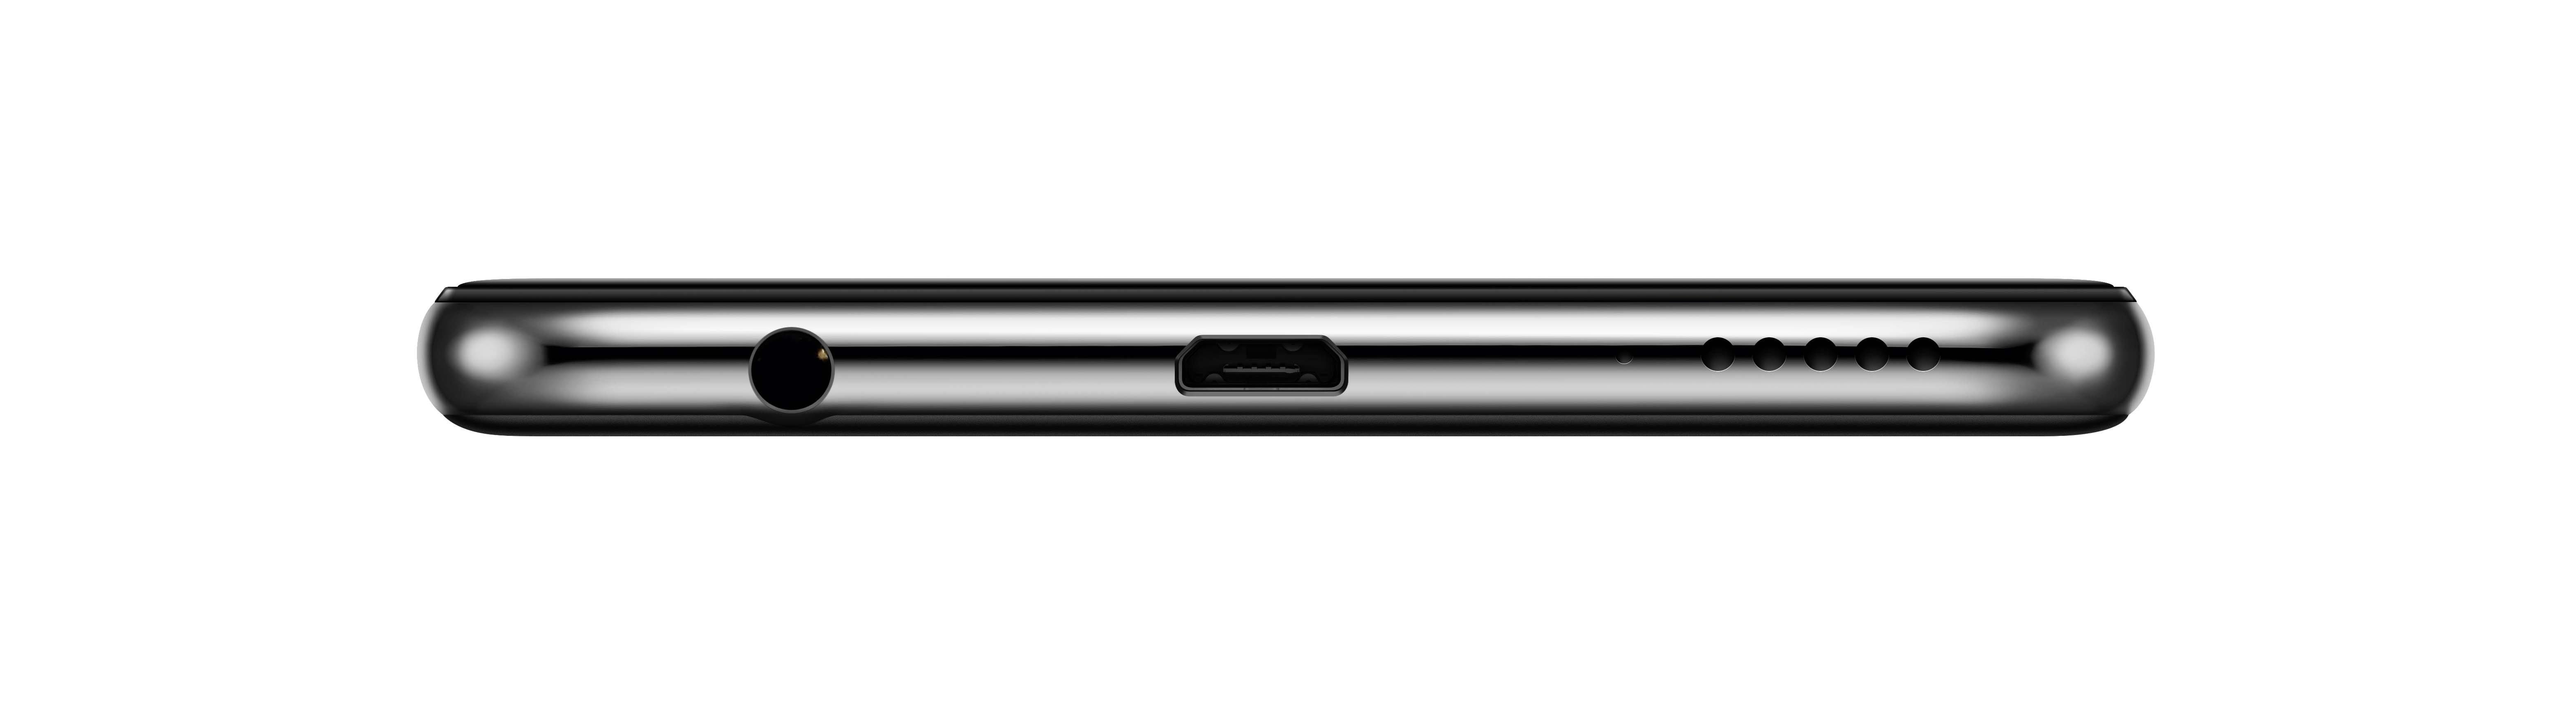 Das Huawei Y7